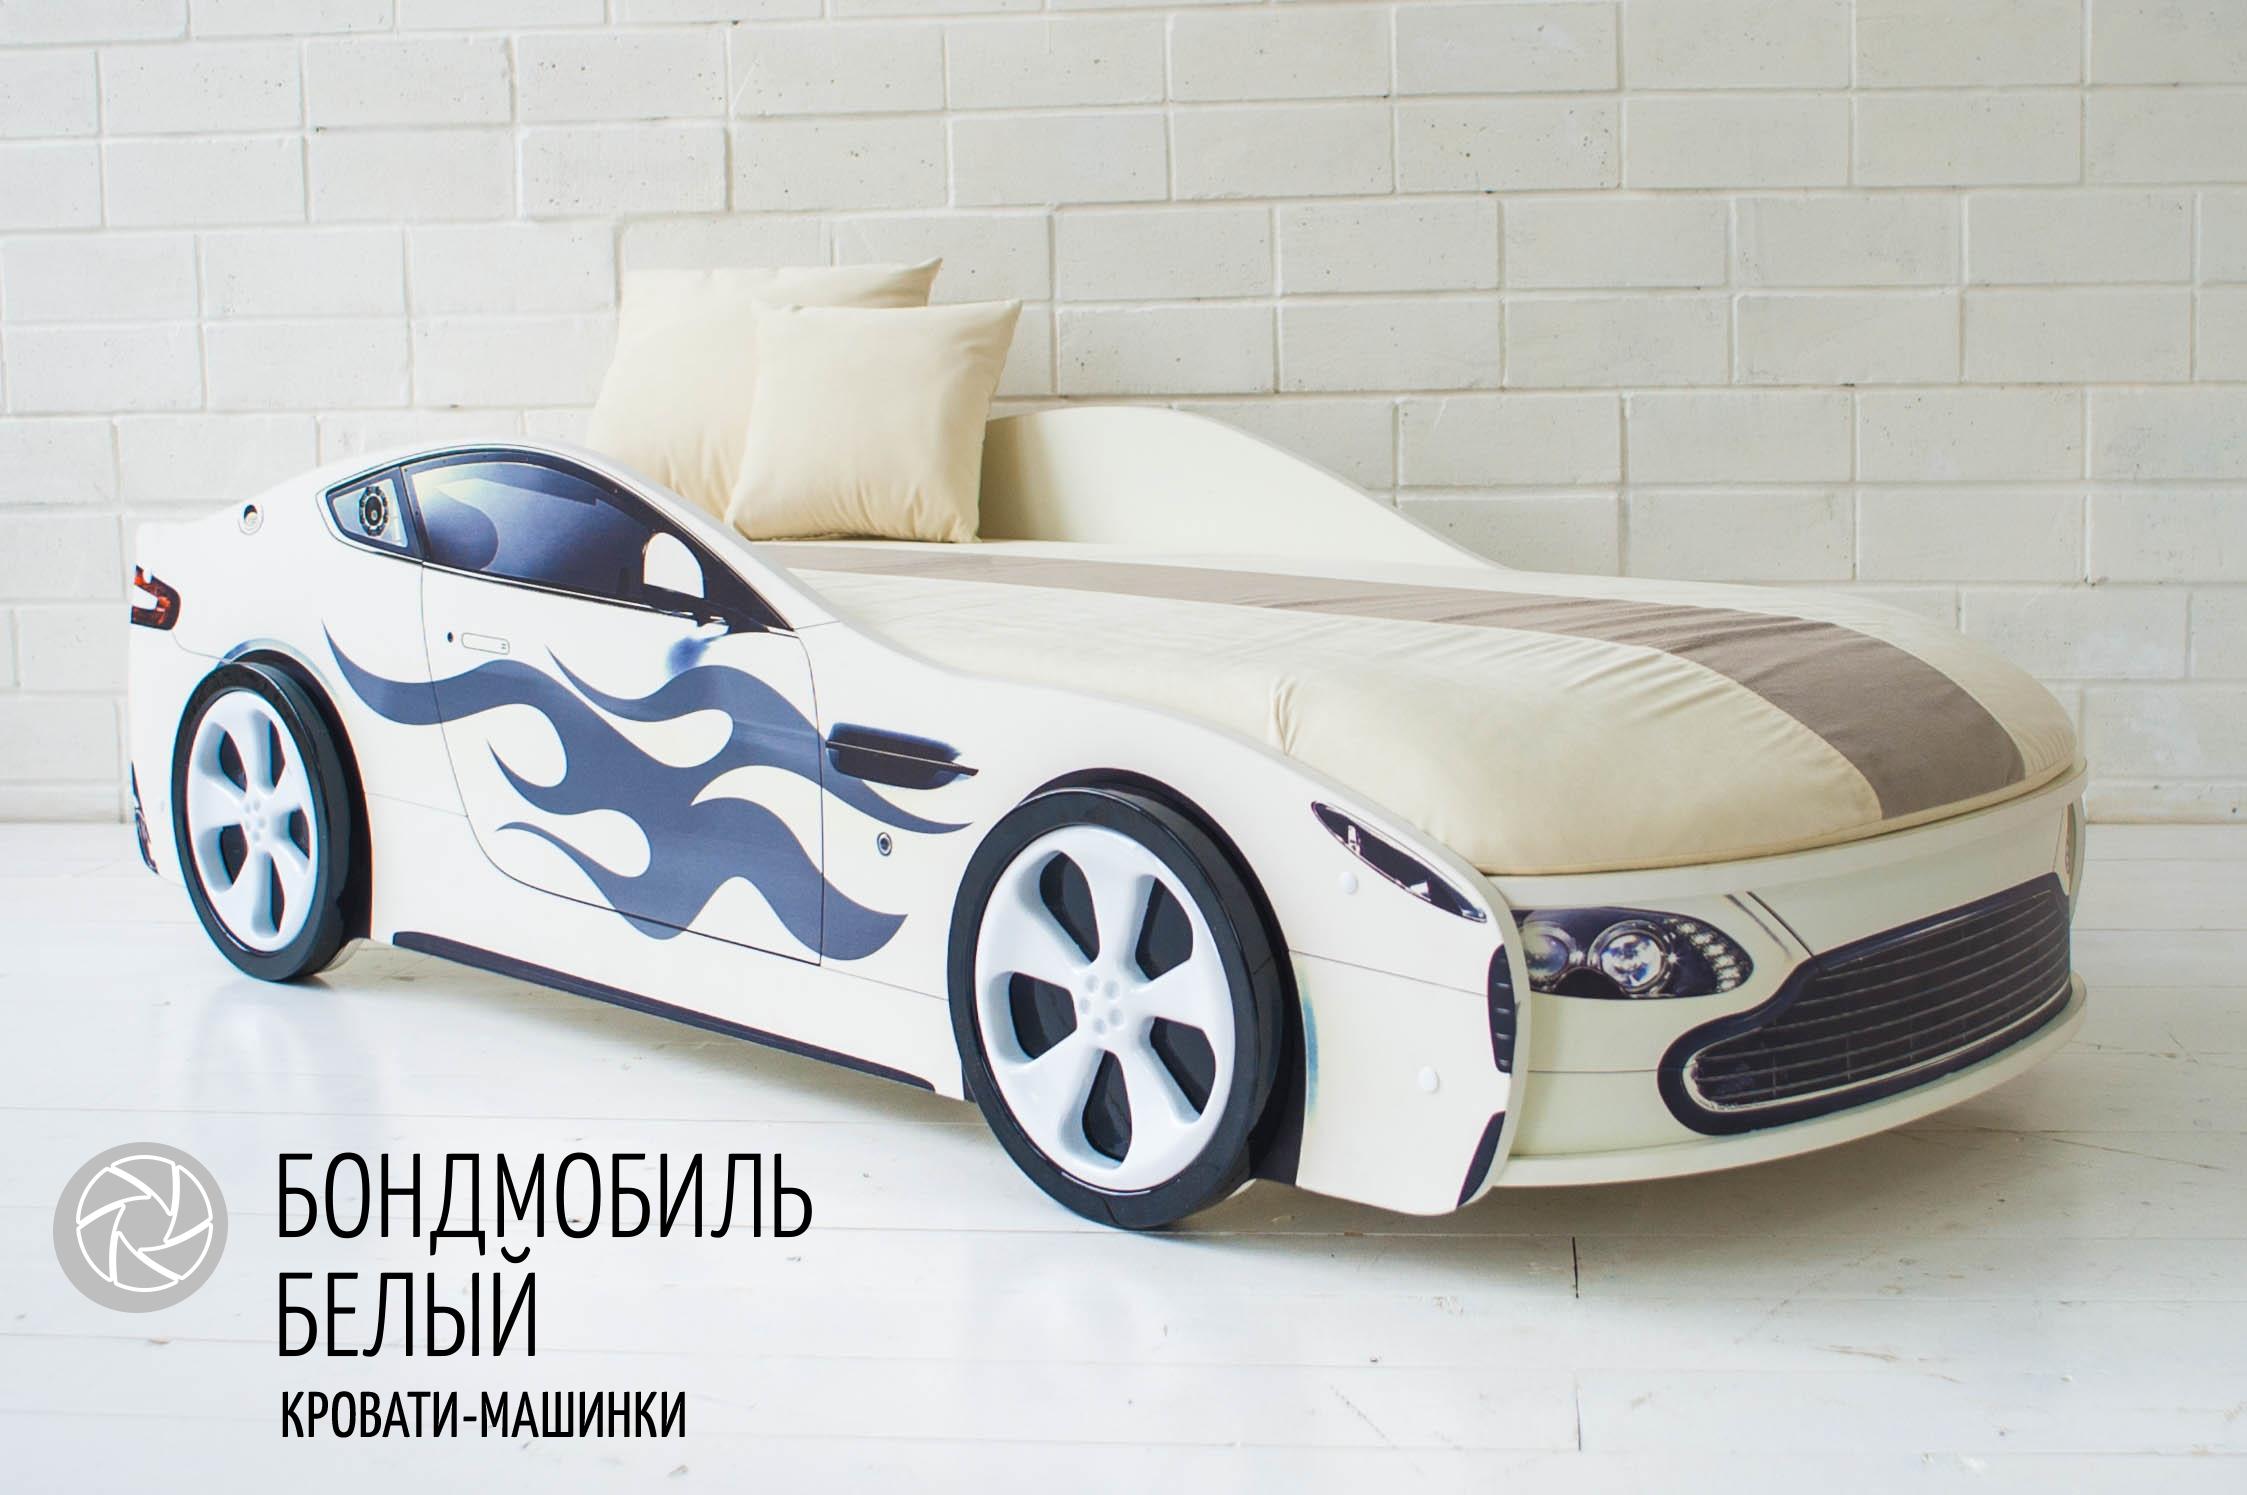 Детская кровать-машинка Бондмобиль Белый